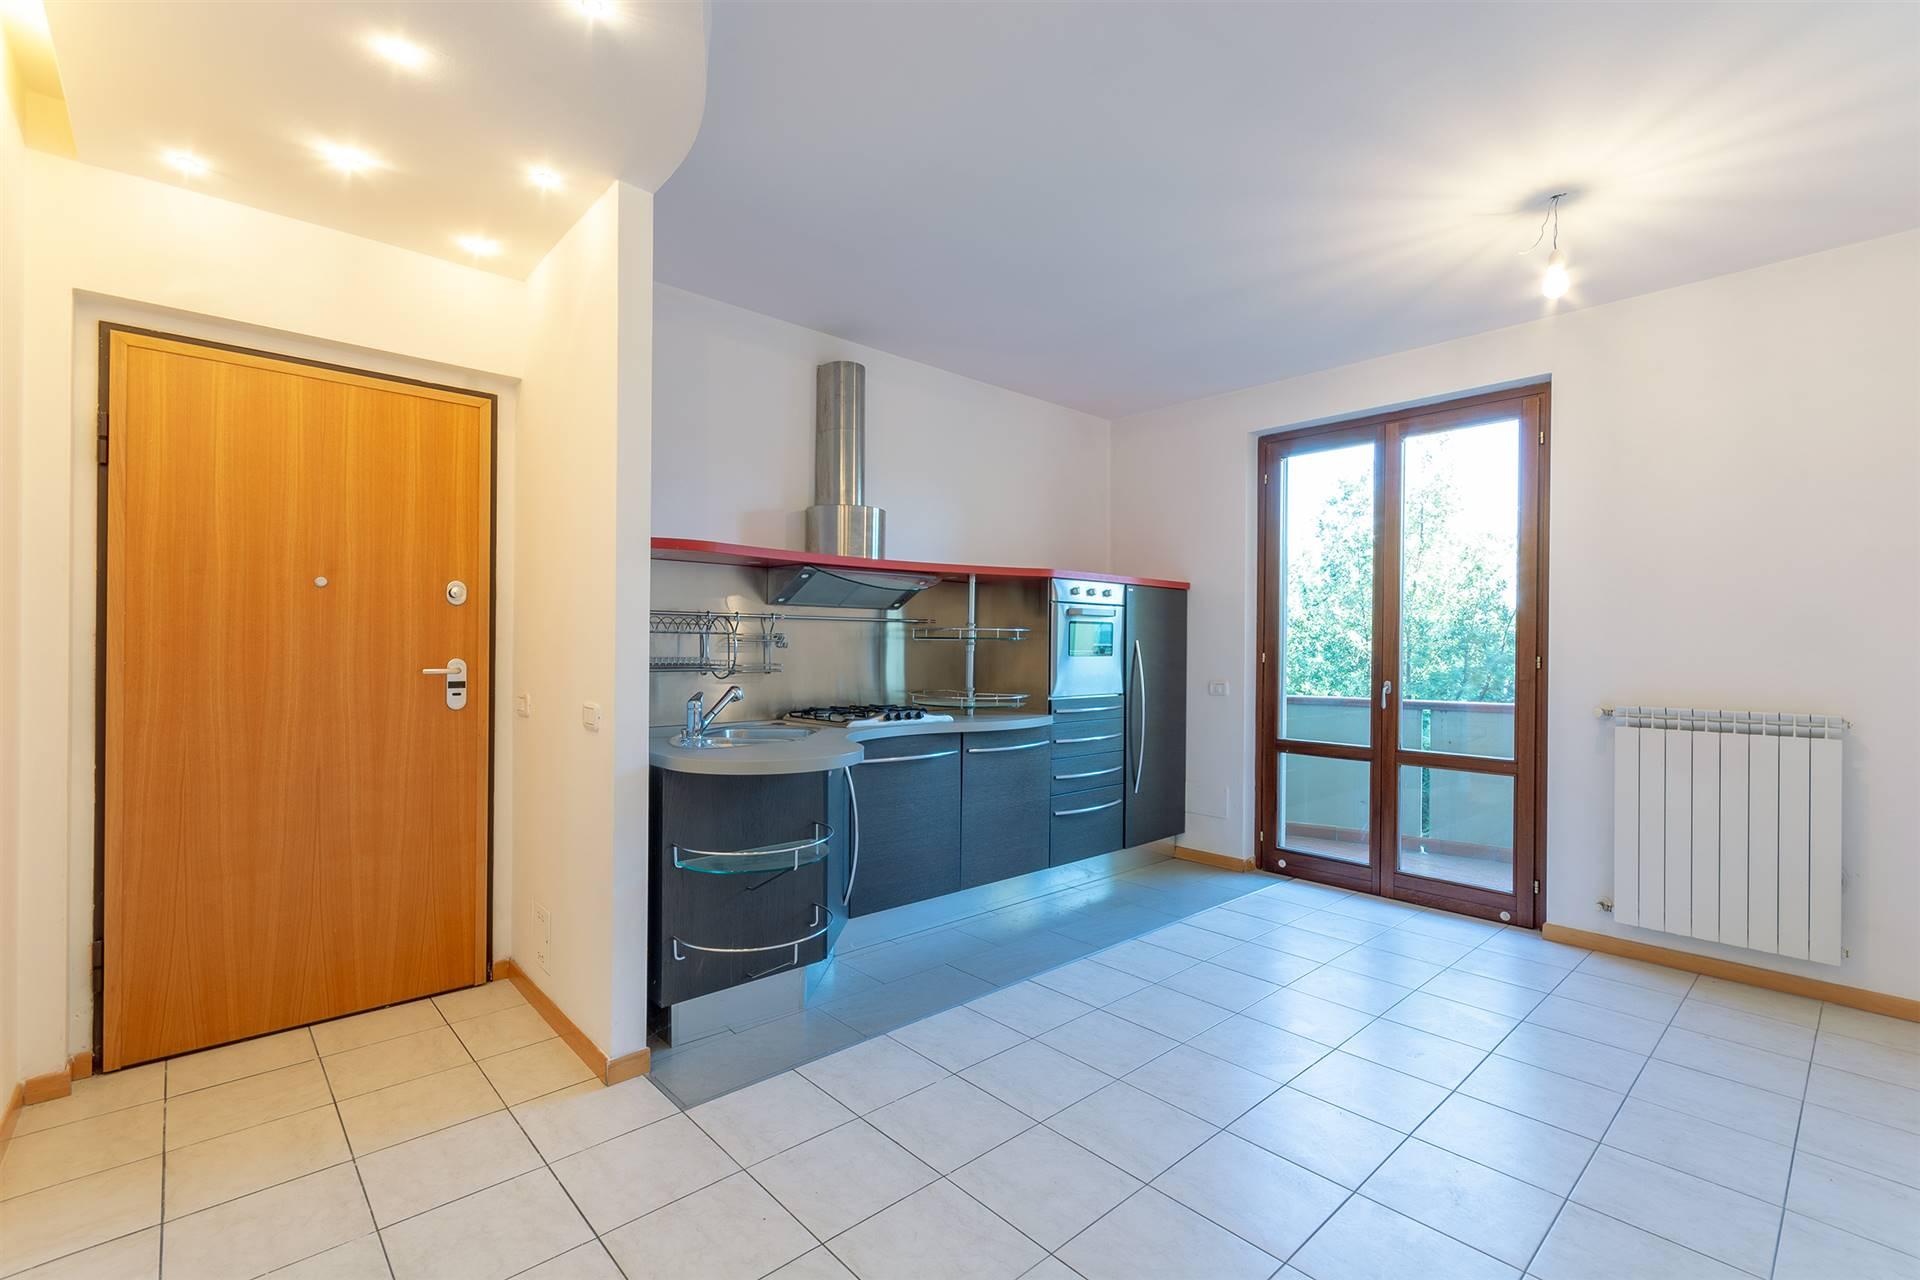 Appartamento in vendita a Campi Bisenzio, 2 locali, zona lle, prezzo € 149.000 | PortaleAgenzieImmobiliari.it